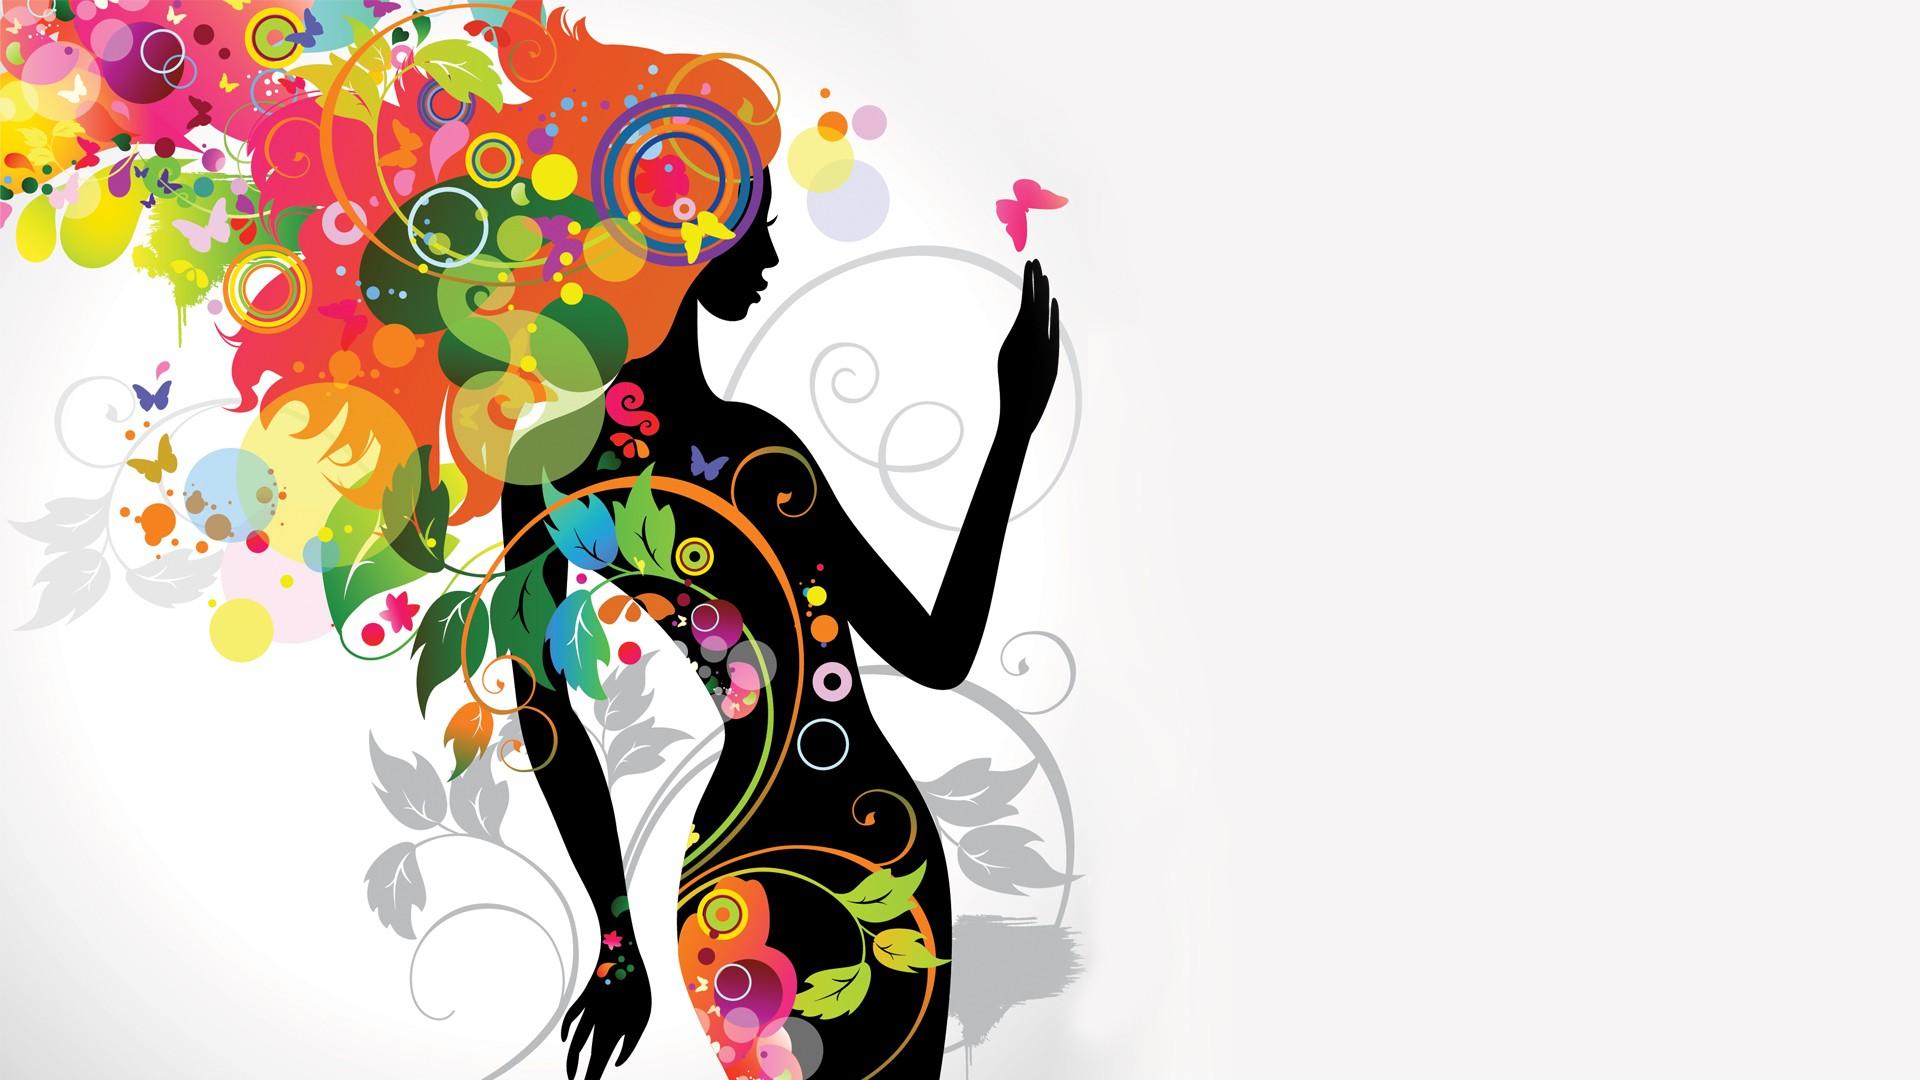 графика абстракция девушка цветы graphics abstraction girl flowers  № 2062437 загрузить